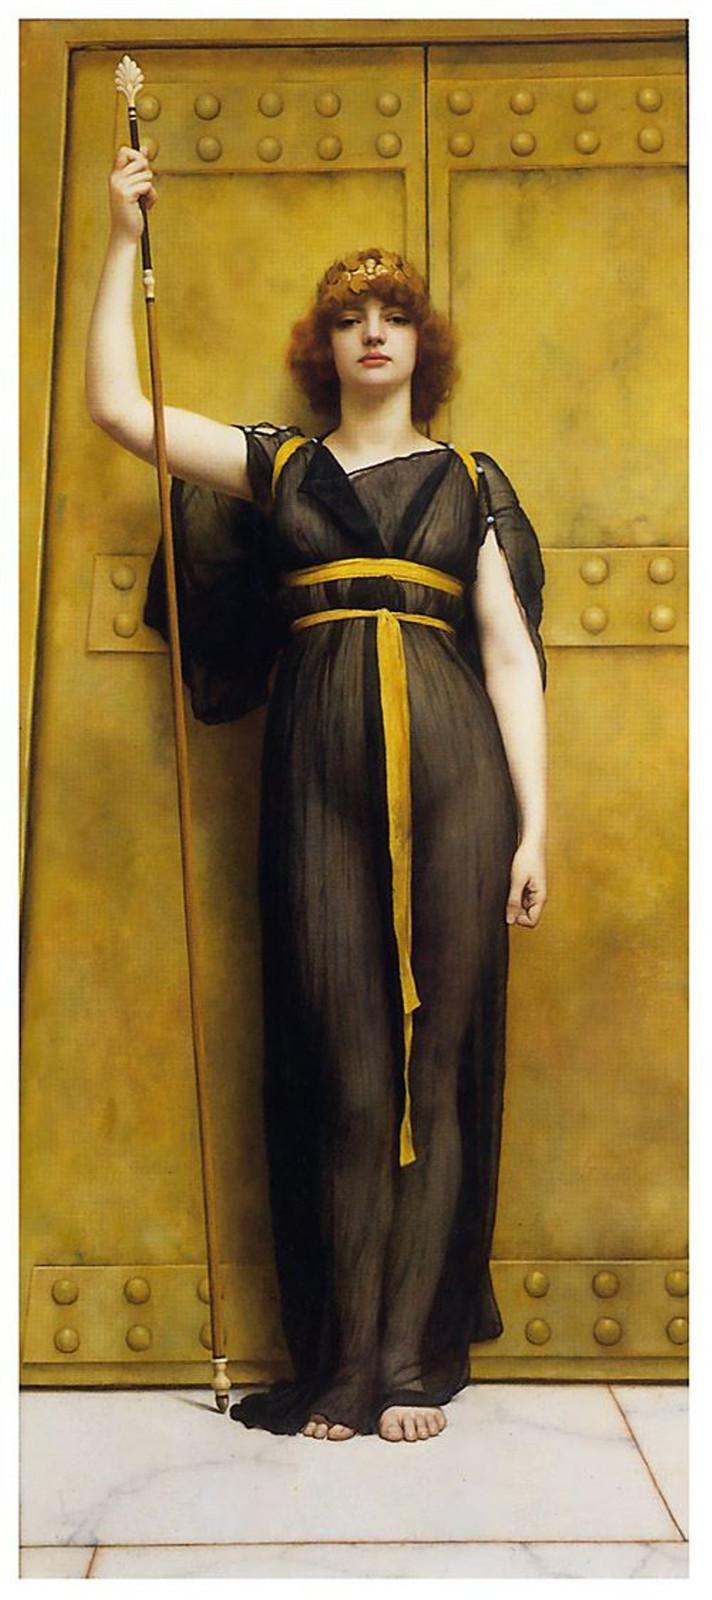 Original from J.W. Godward 1895